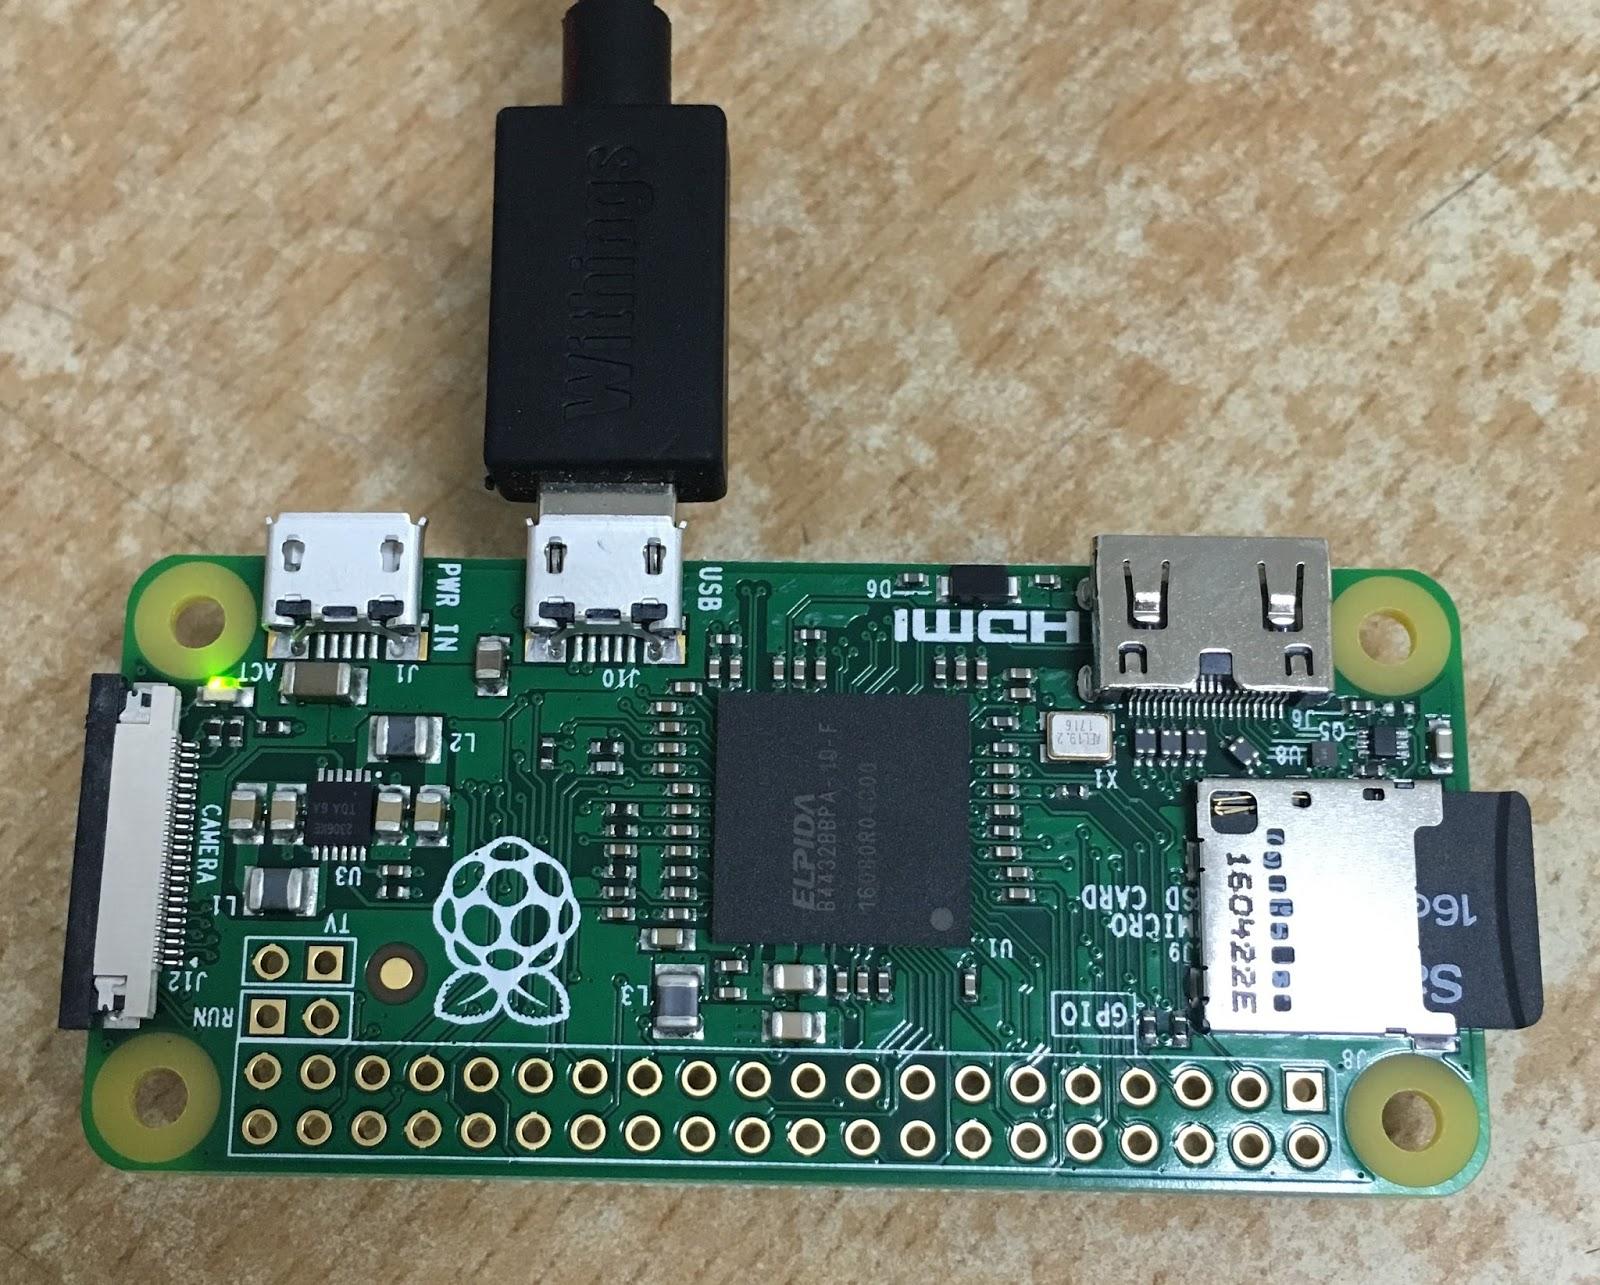 기술 여행자 (ArsViator): 라즈베리 파이 제로를 USB 케이블 하나로 사용